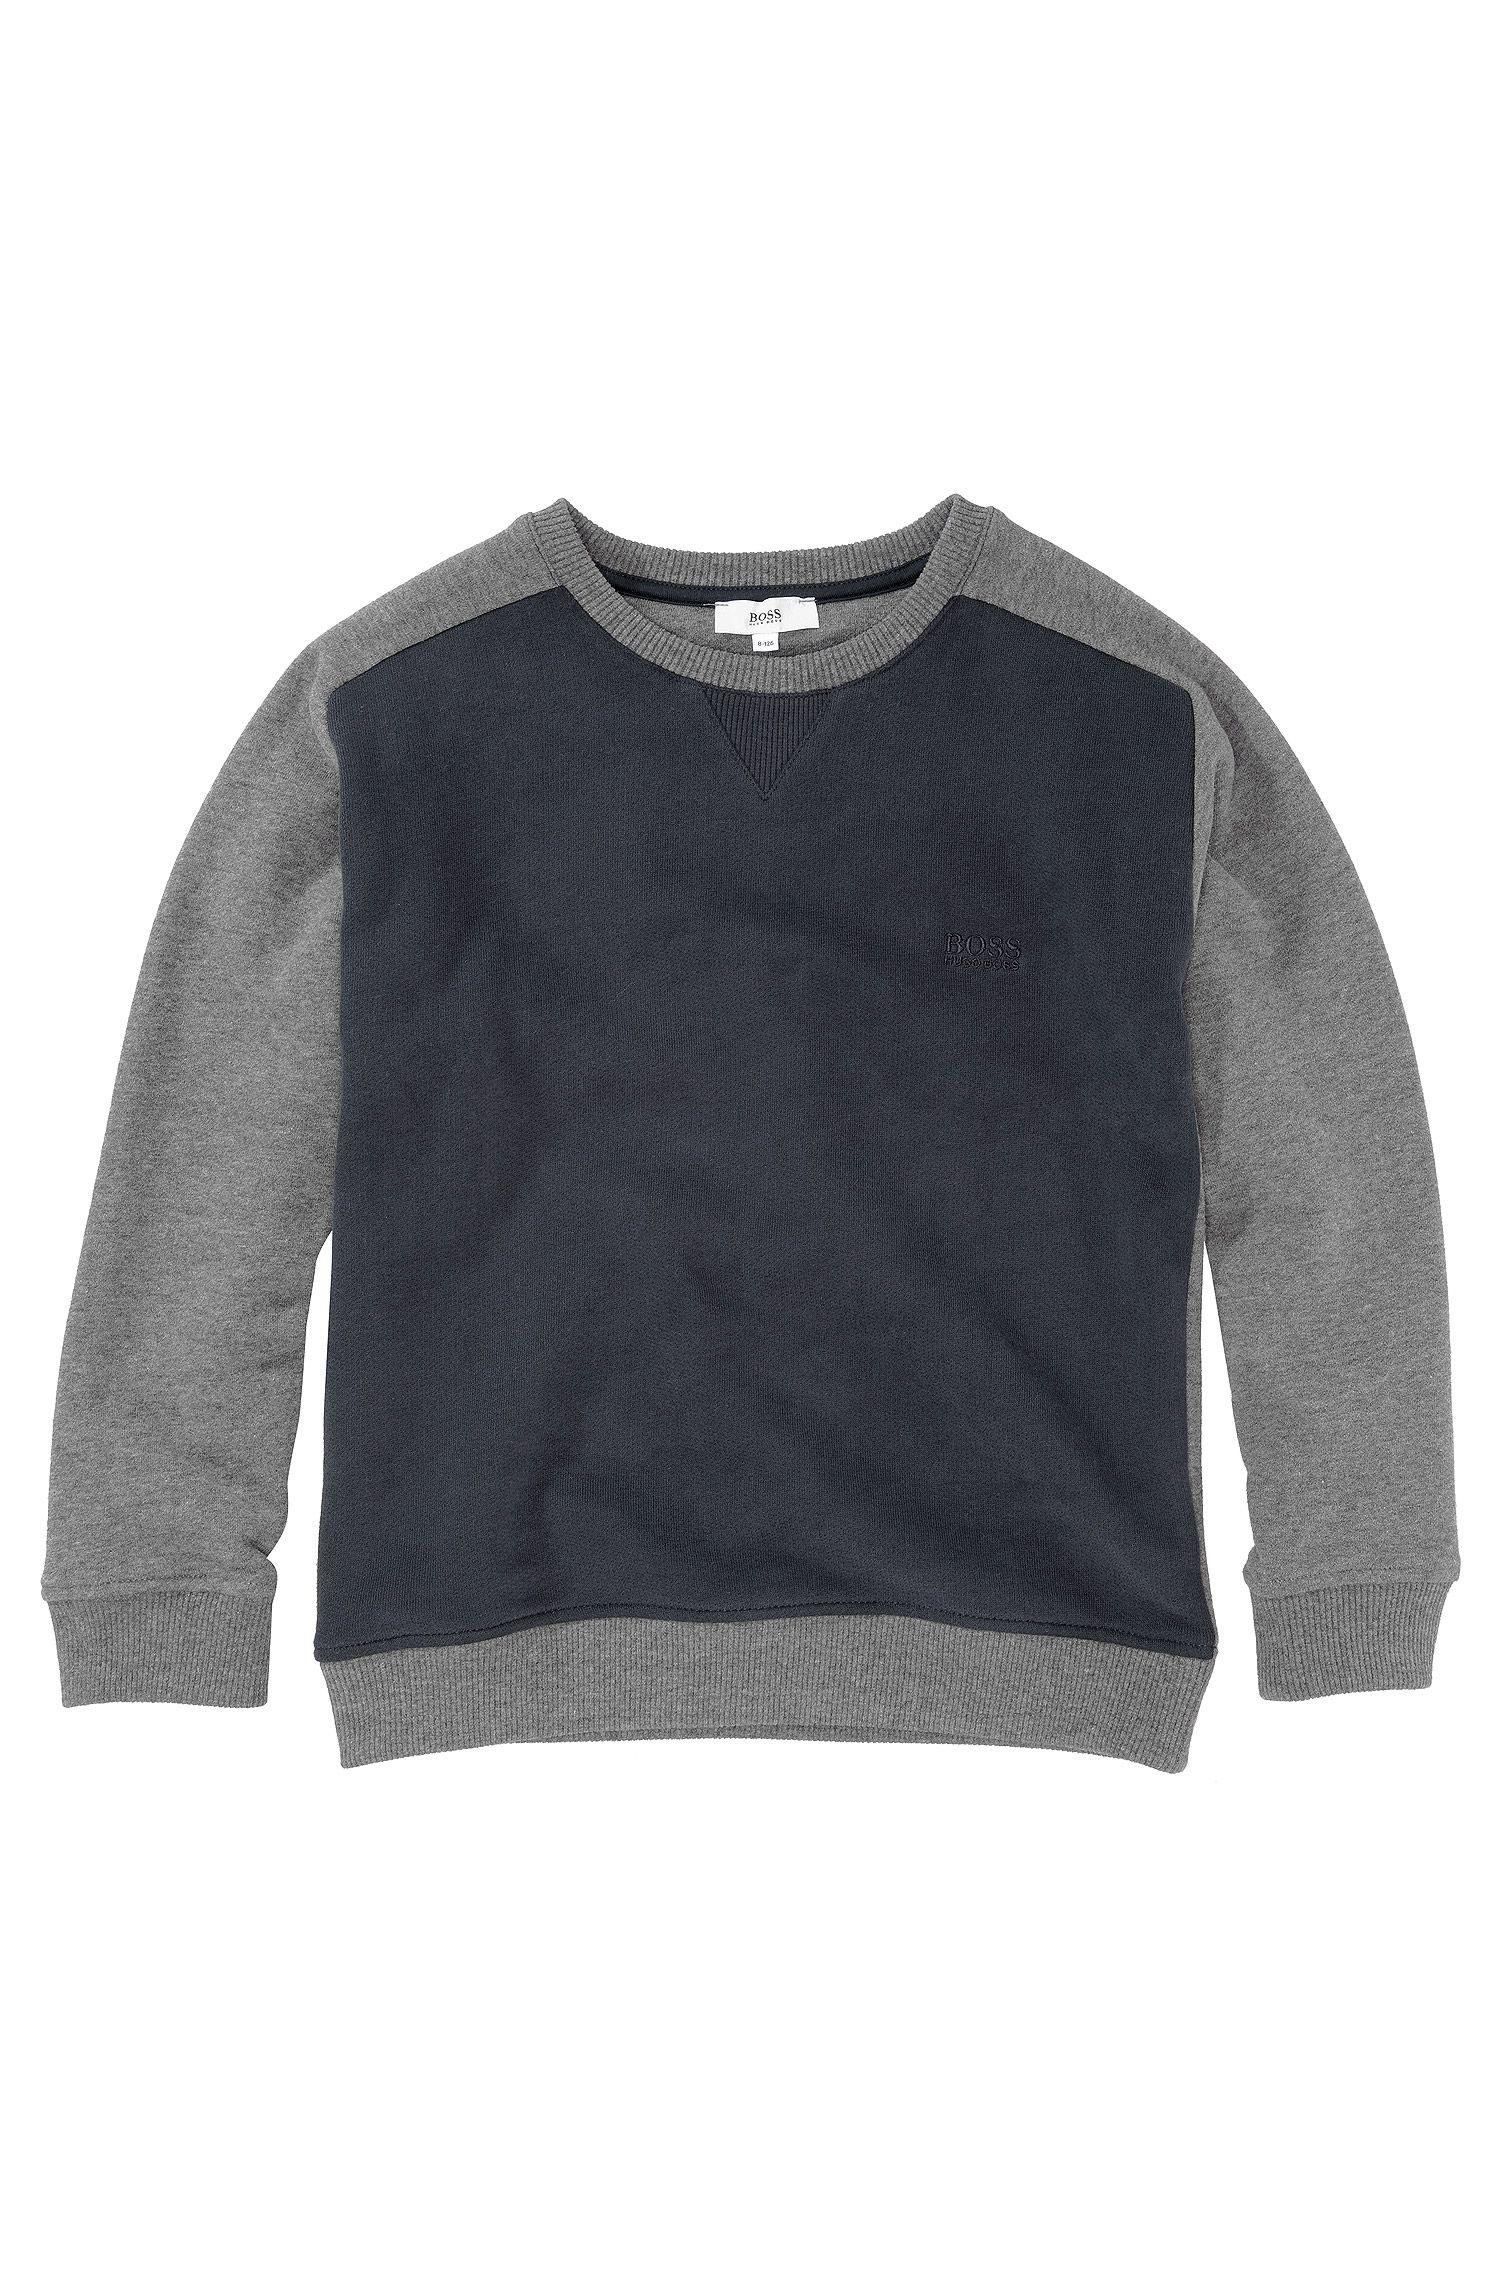 Sweat pour enfant «J25598/862» en coton